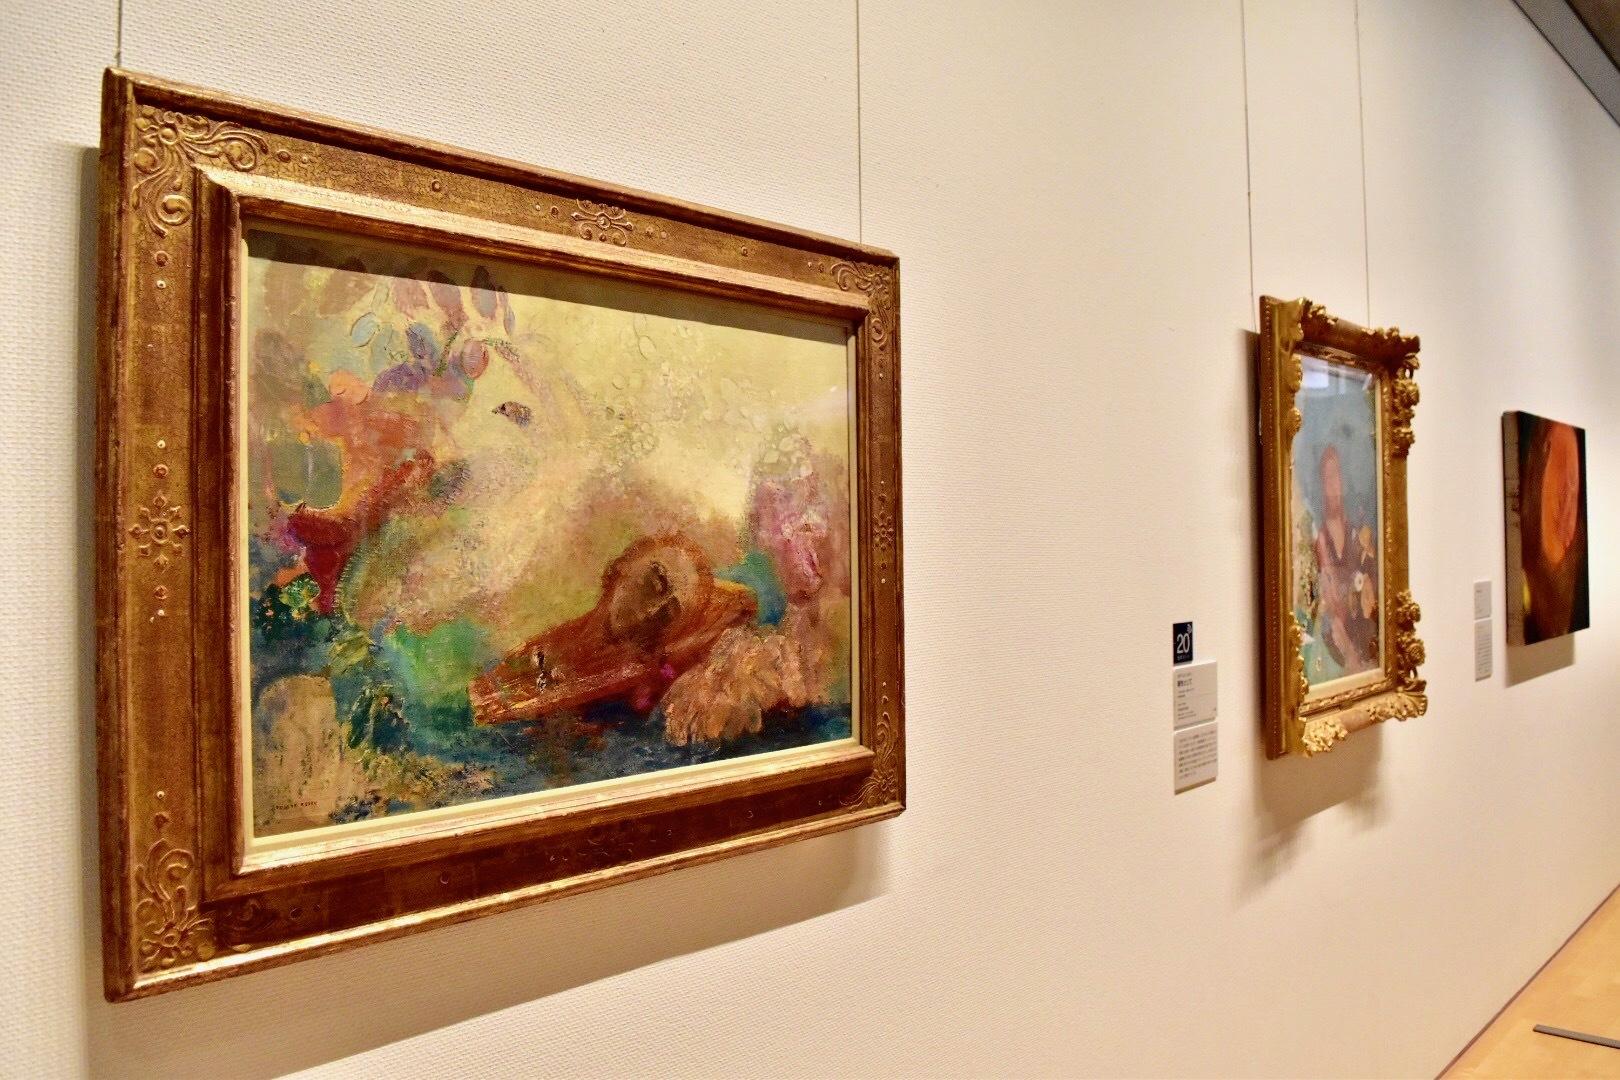 左:オディロン・ルドン 《オルフェウスの死》1905-1910年頃 岐阜県美術館